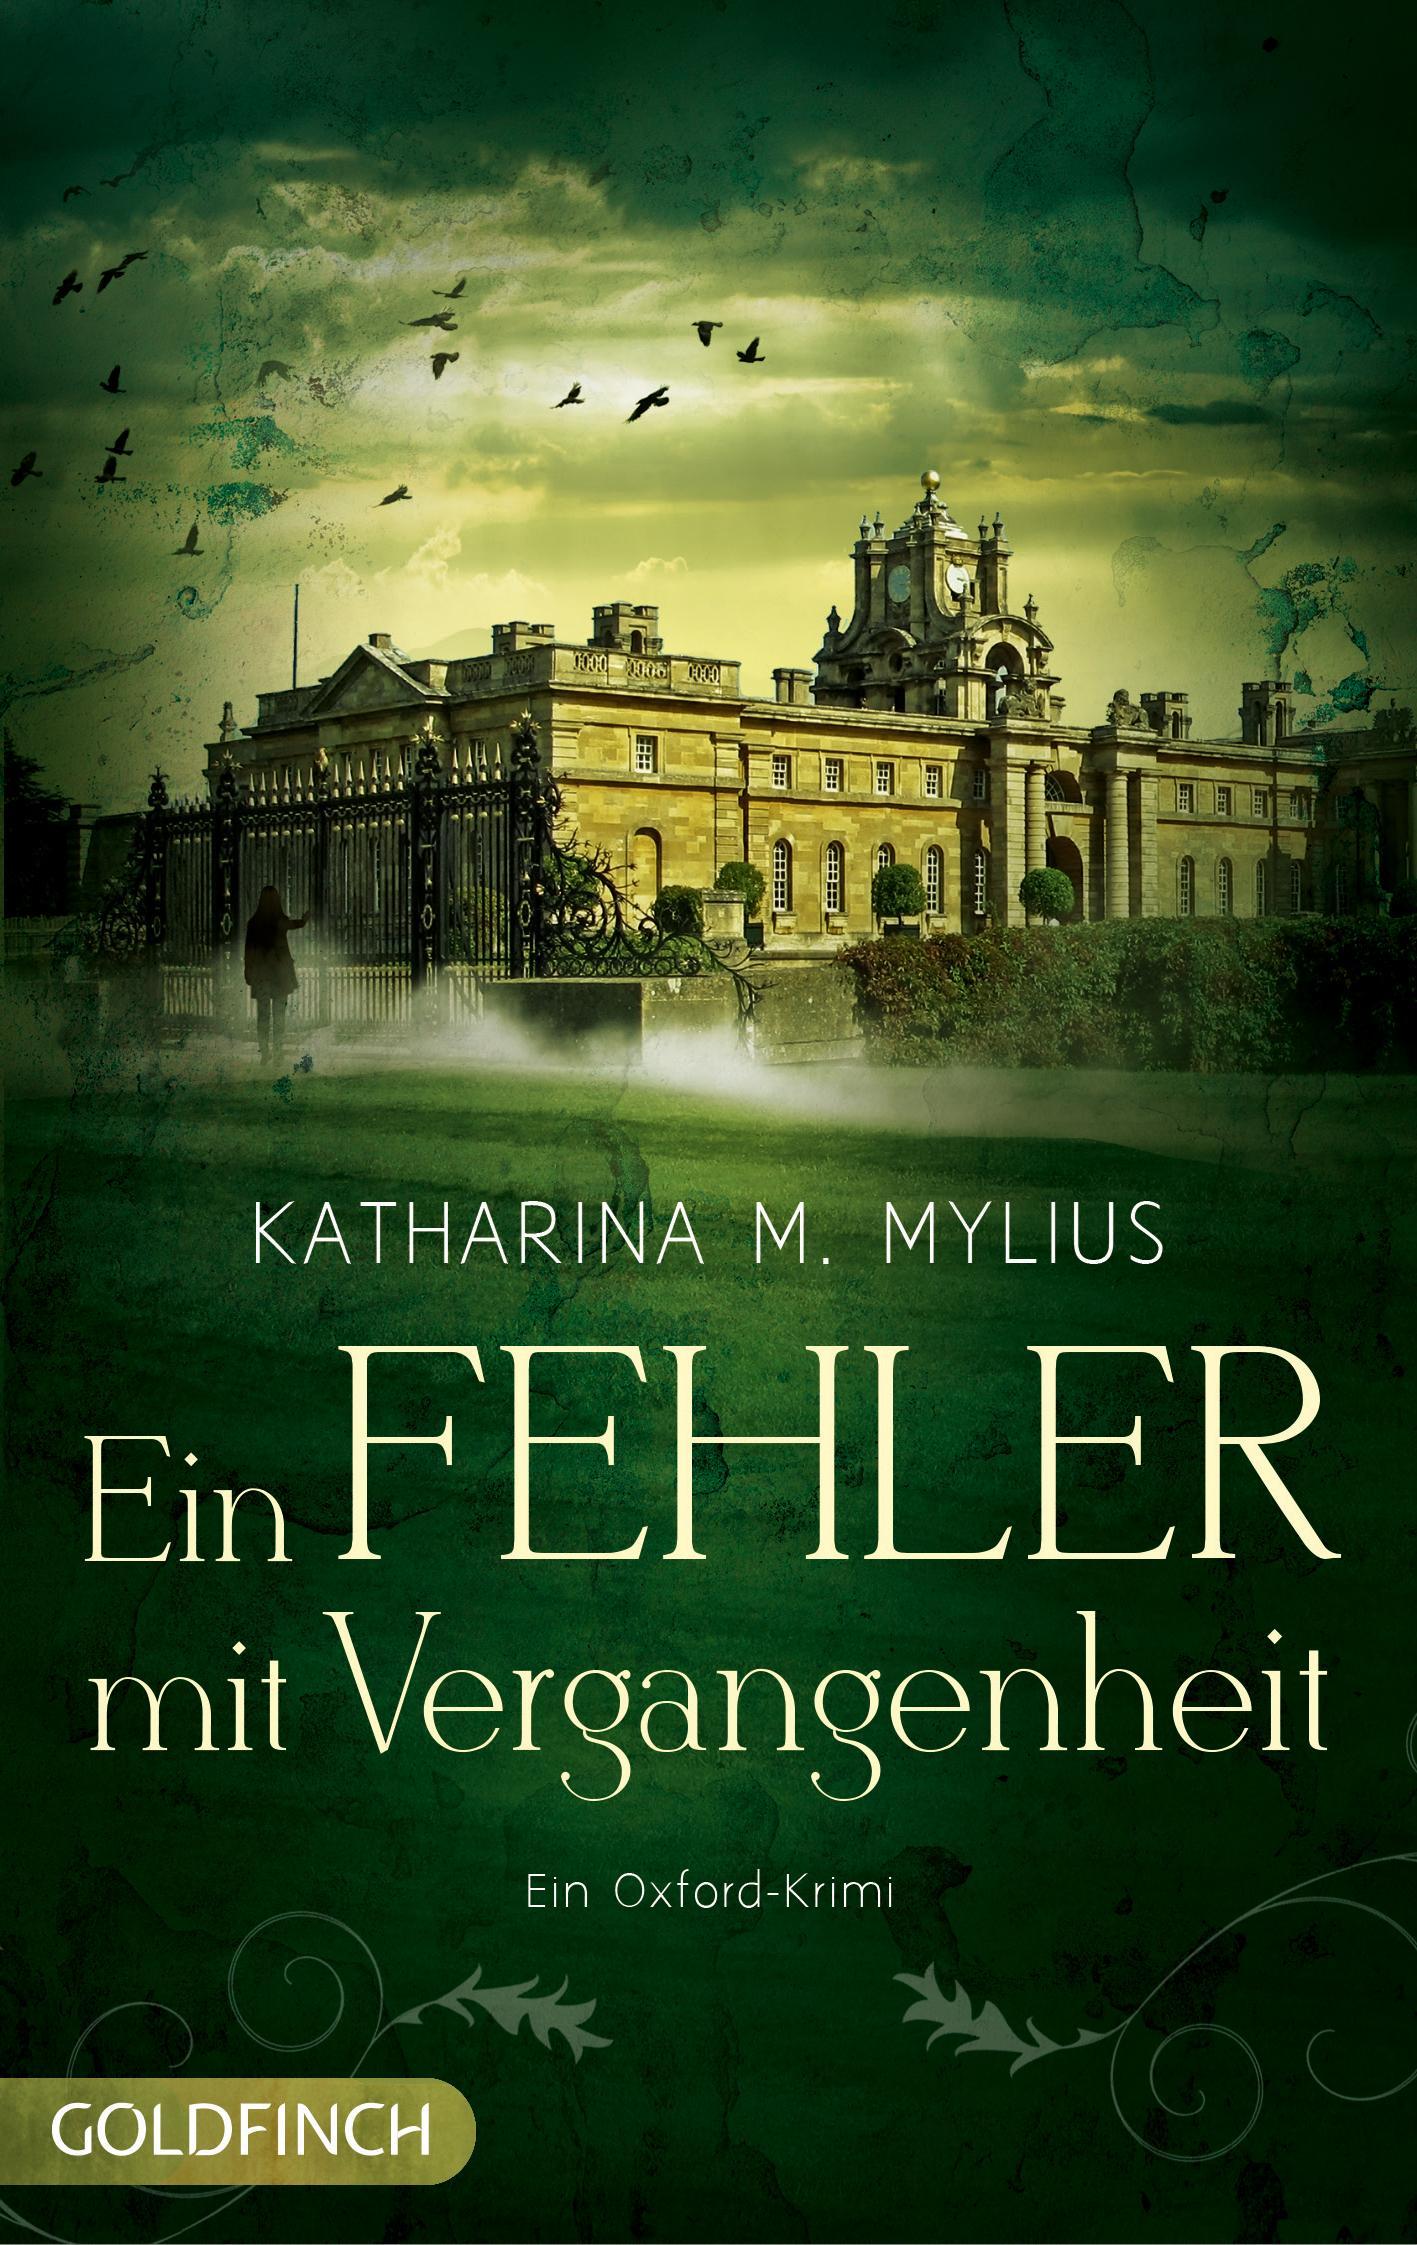 Katharina-M-Mylius-Ein-Fehler-mit-Vergangenheit9783940258571